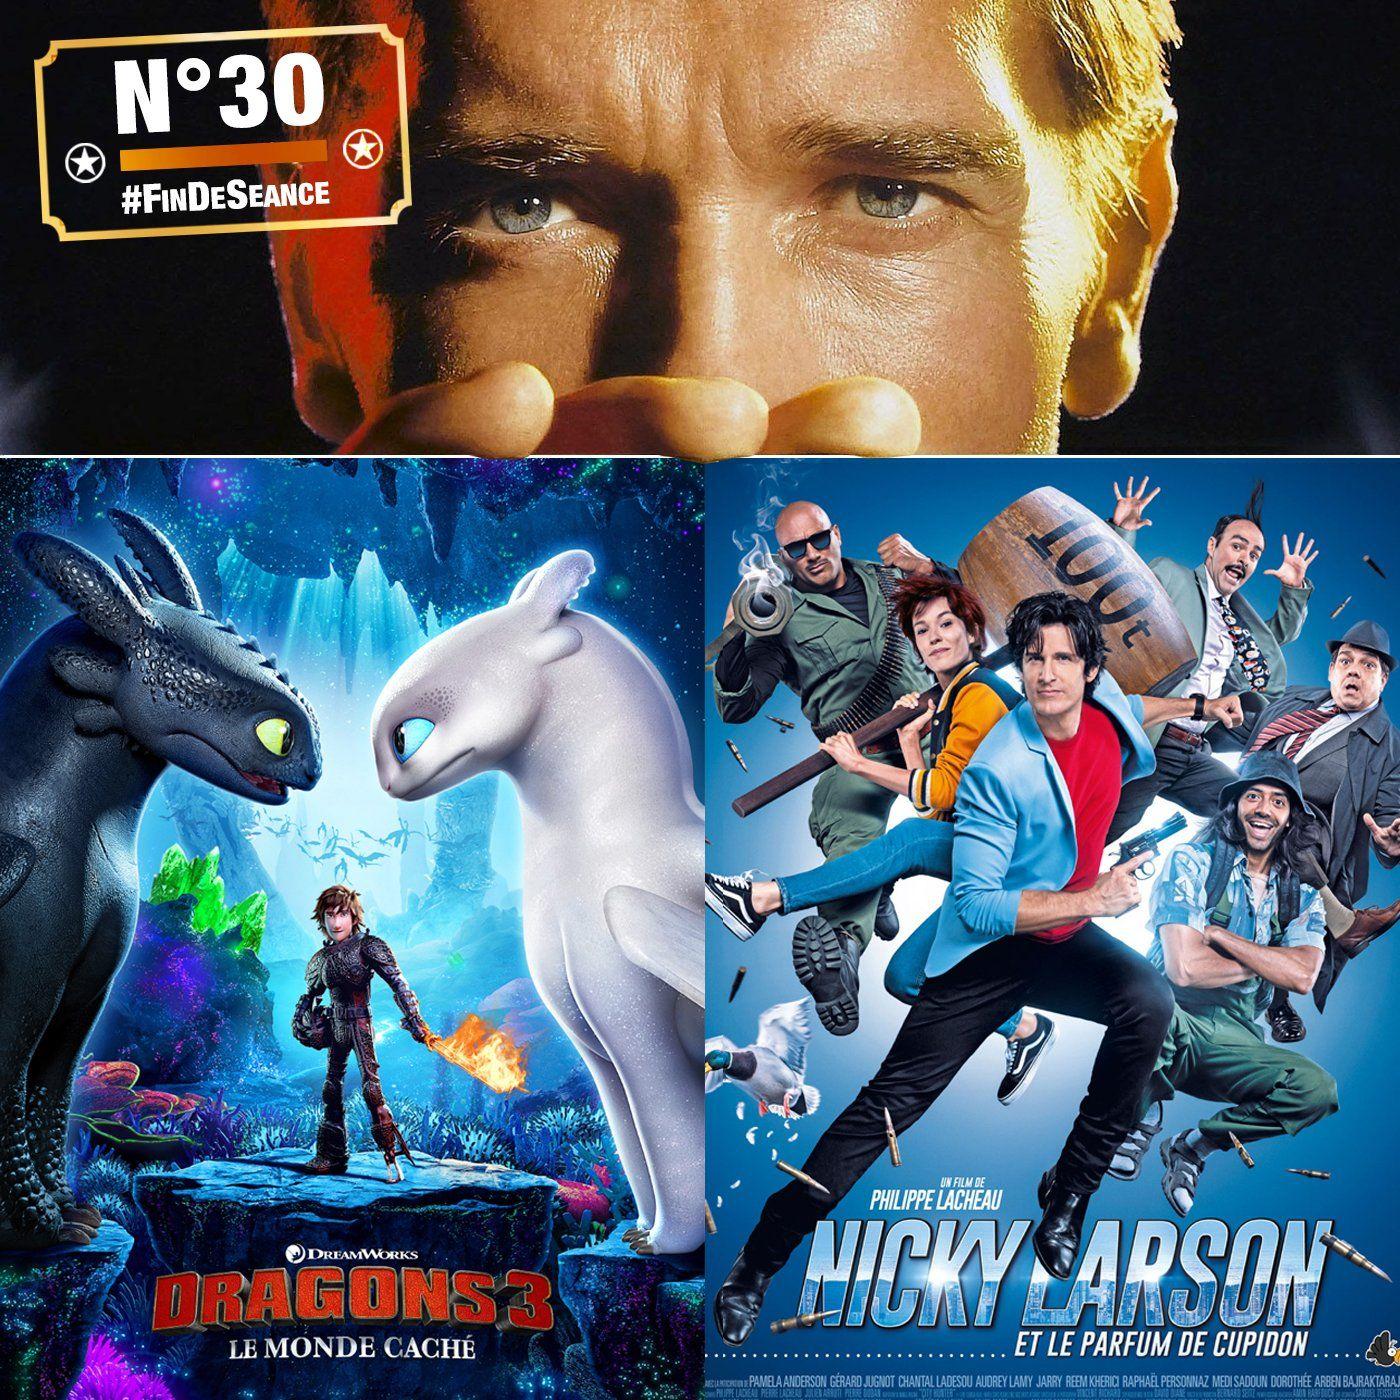 #30 DRAGONS 3 & NICKY LARSON : Don Juan et Dragons !